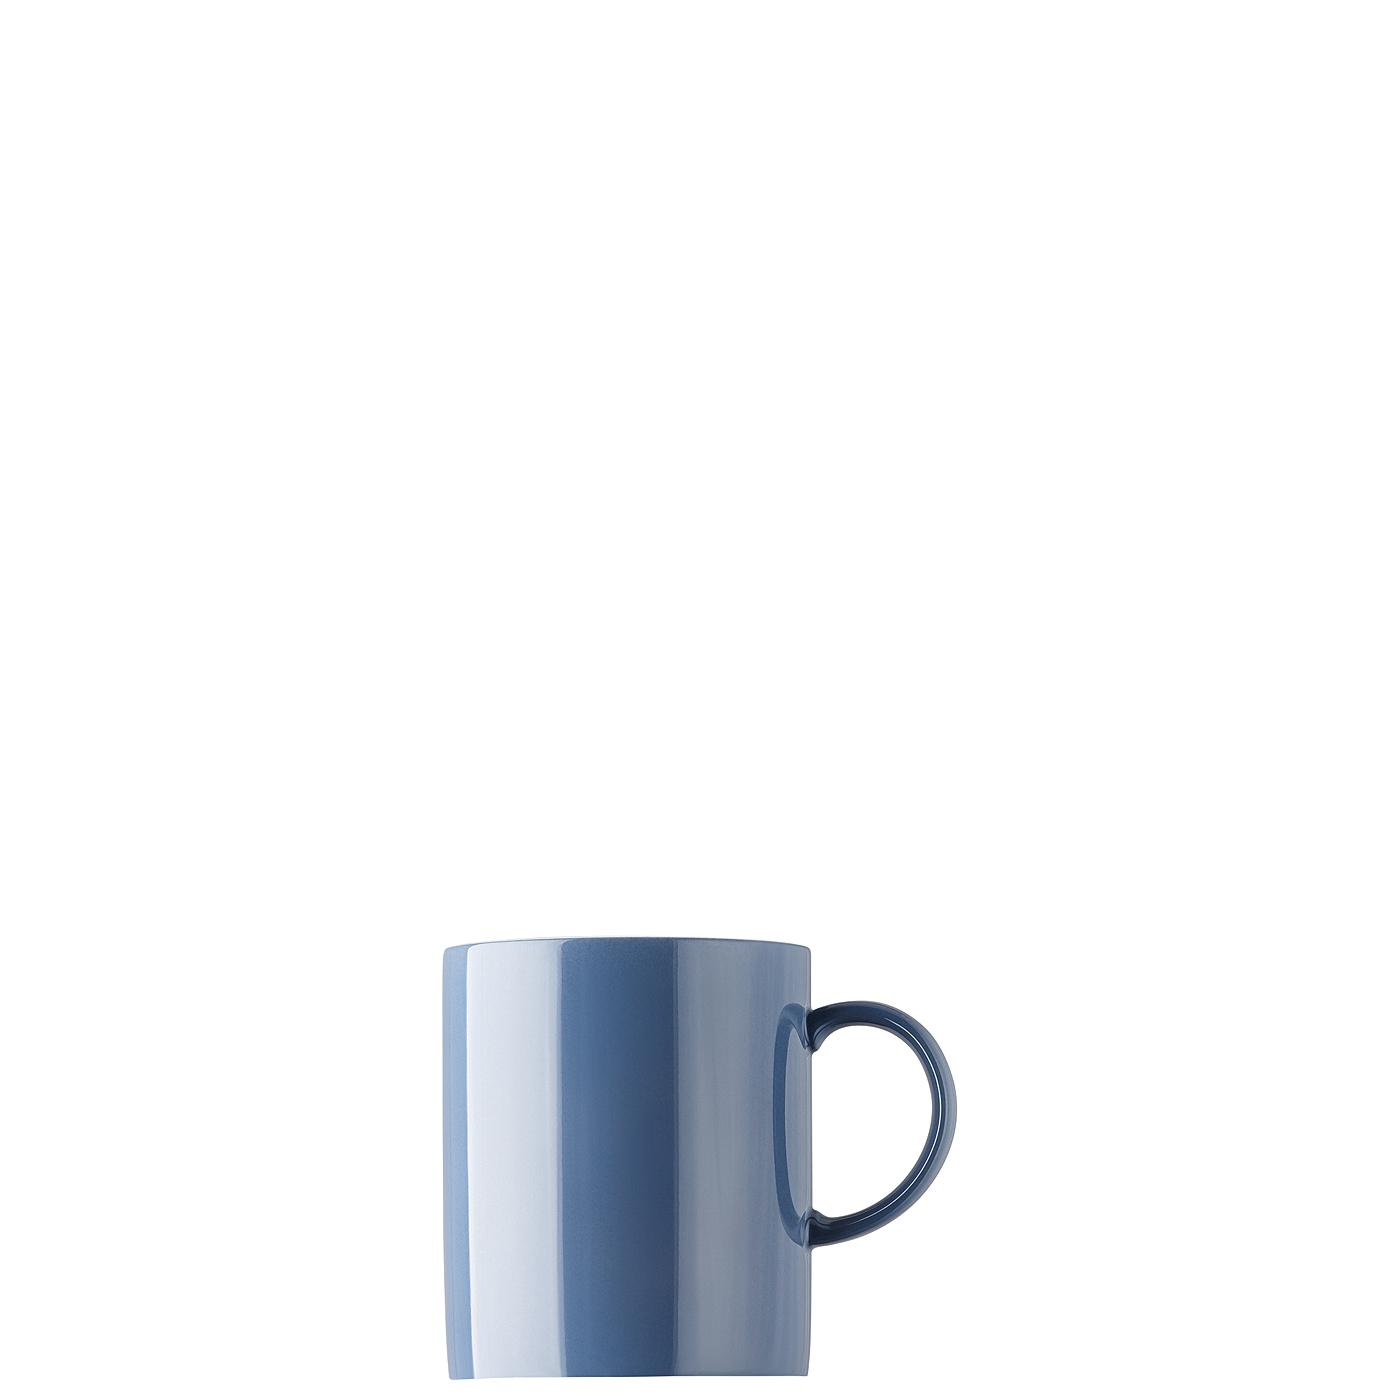 Becher mit Henkel groß Sunny Day Nordic Blue Thomas Porzellan